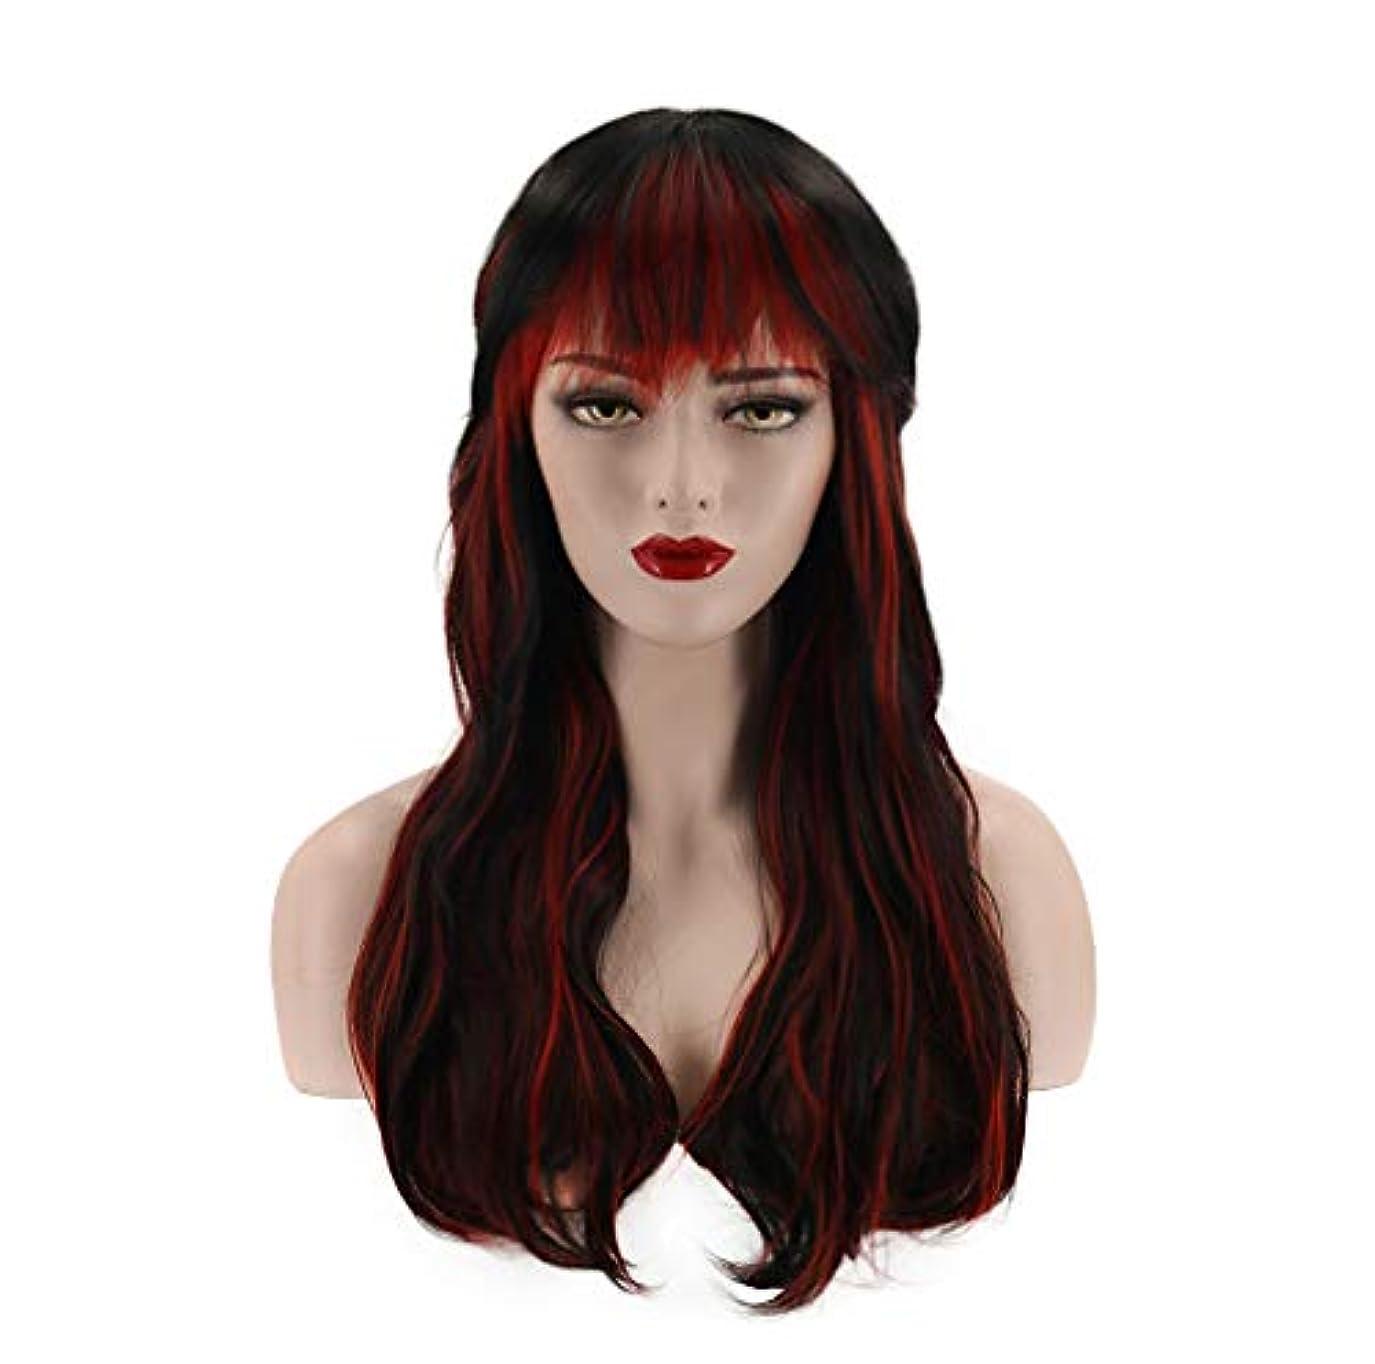 拘束する亜熱帯知的女性ウィッグセクシーフルウィッグカーリー合成耐熱繊維ヘアウィッグナチュラルカラーデイリーアクセサリーグラデーション60cm